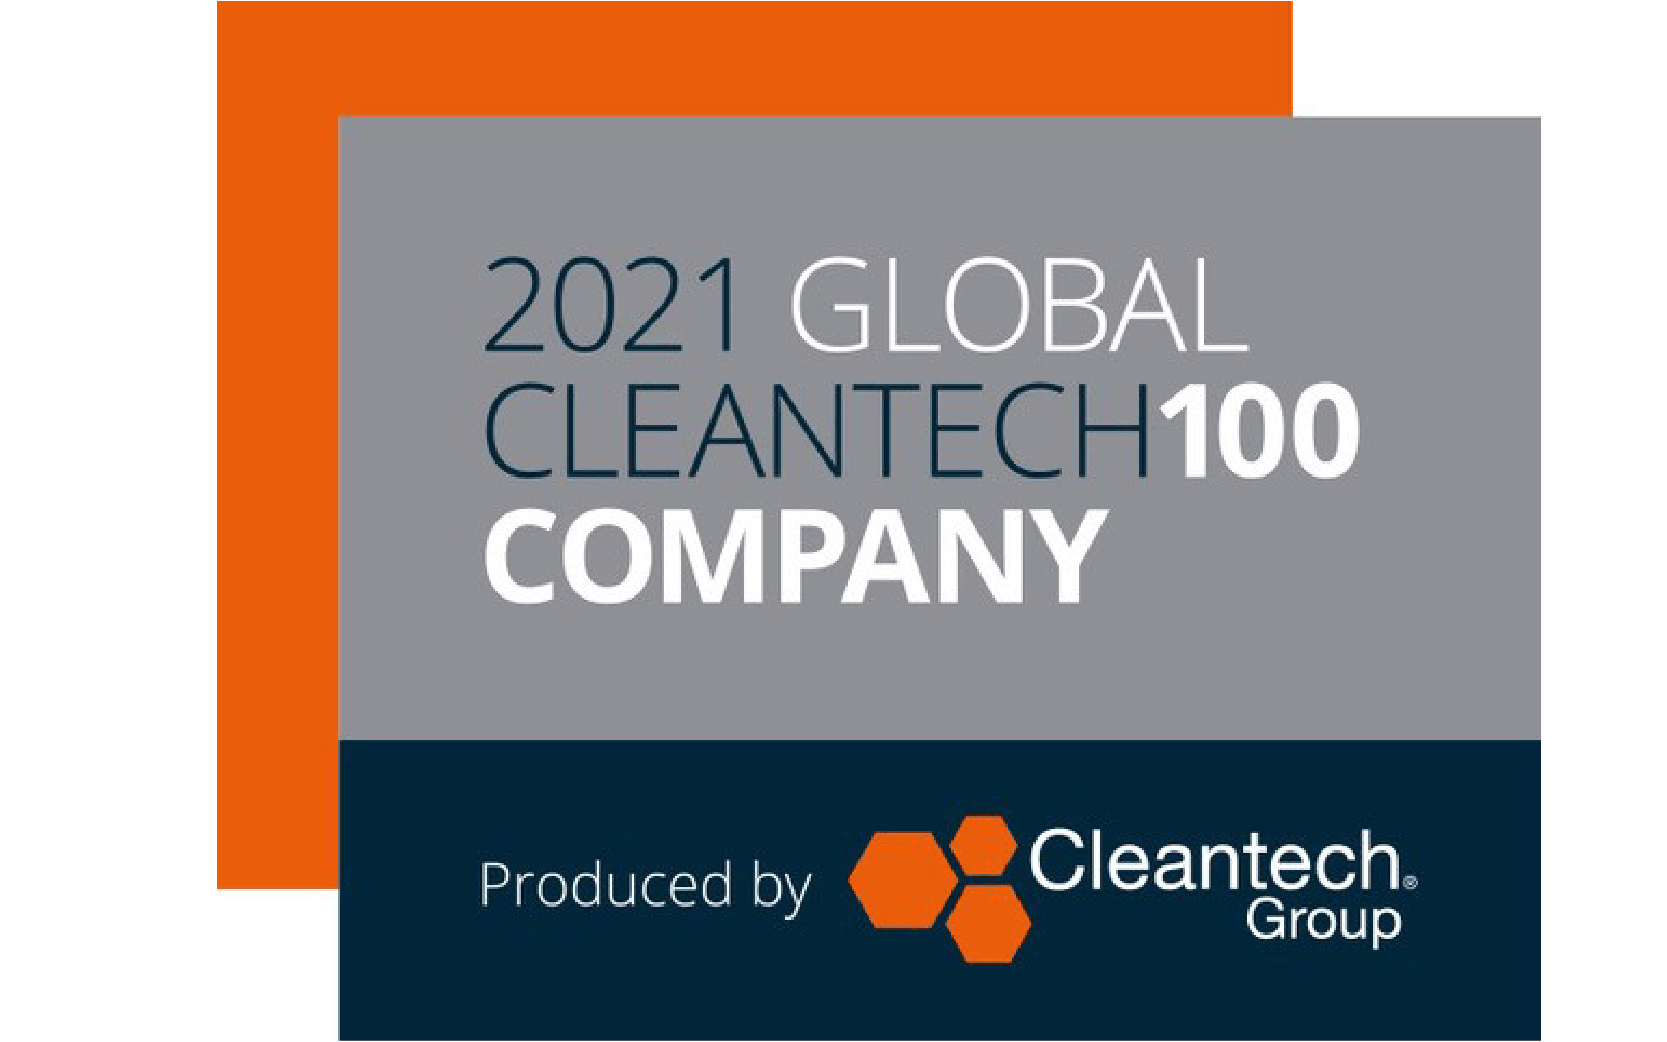 2021 Global Cleantech